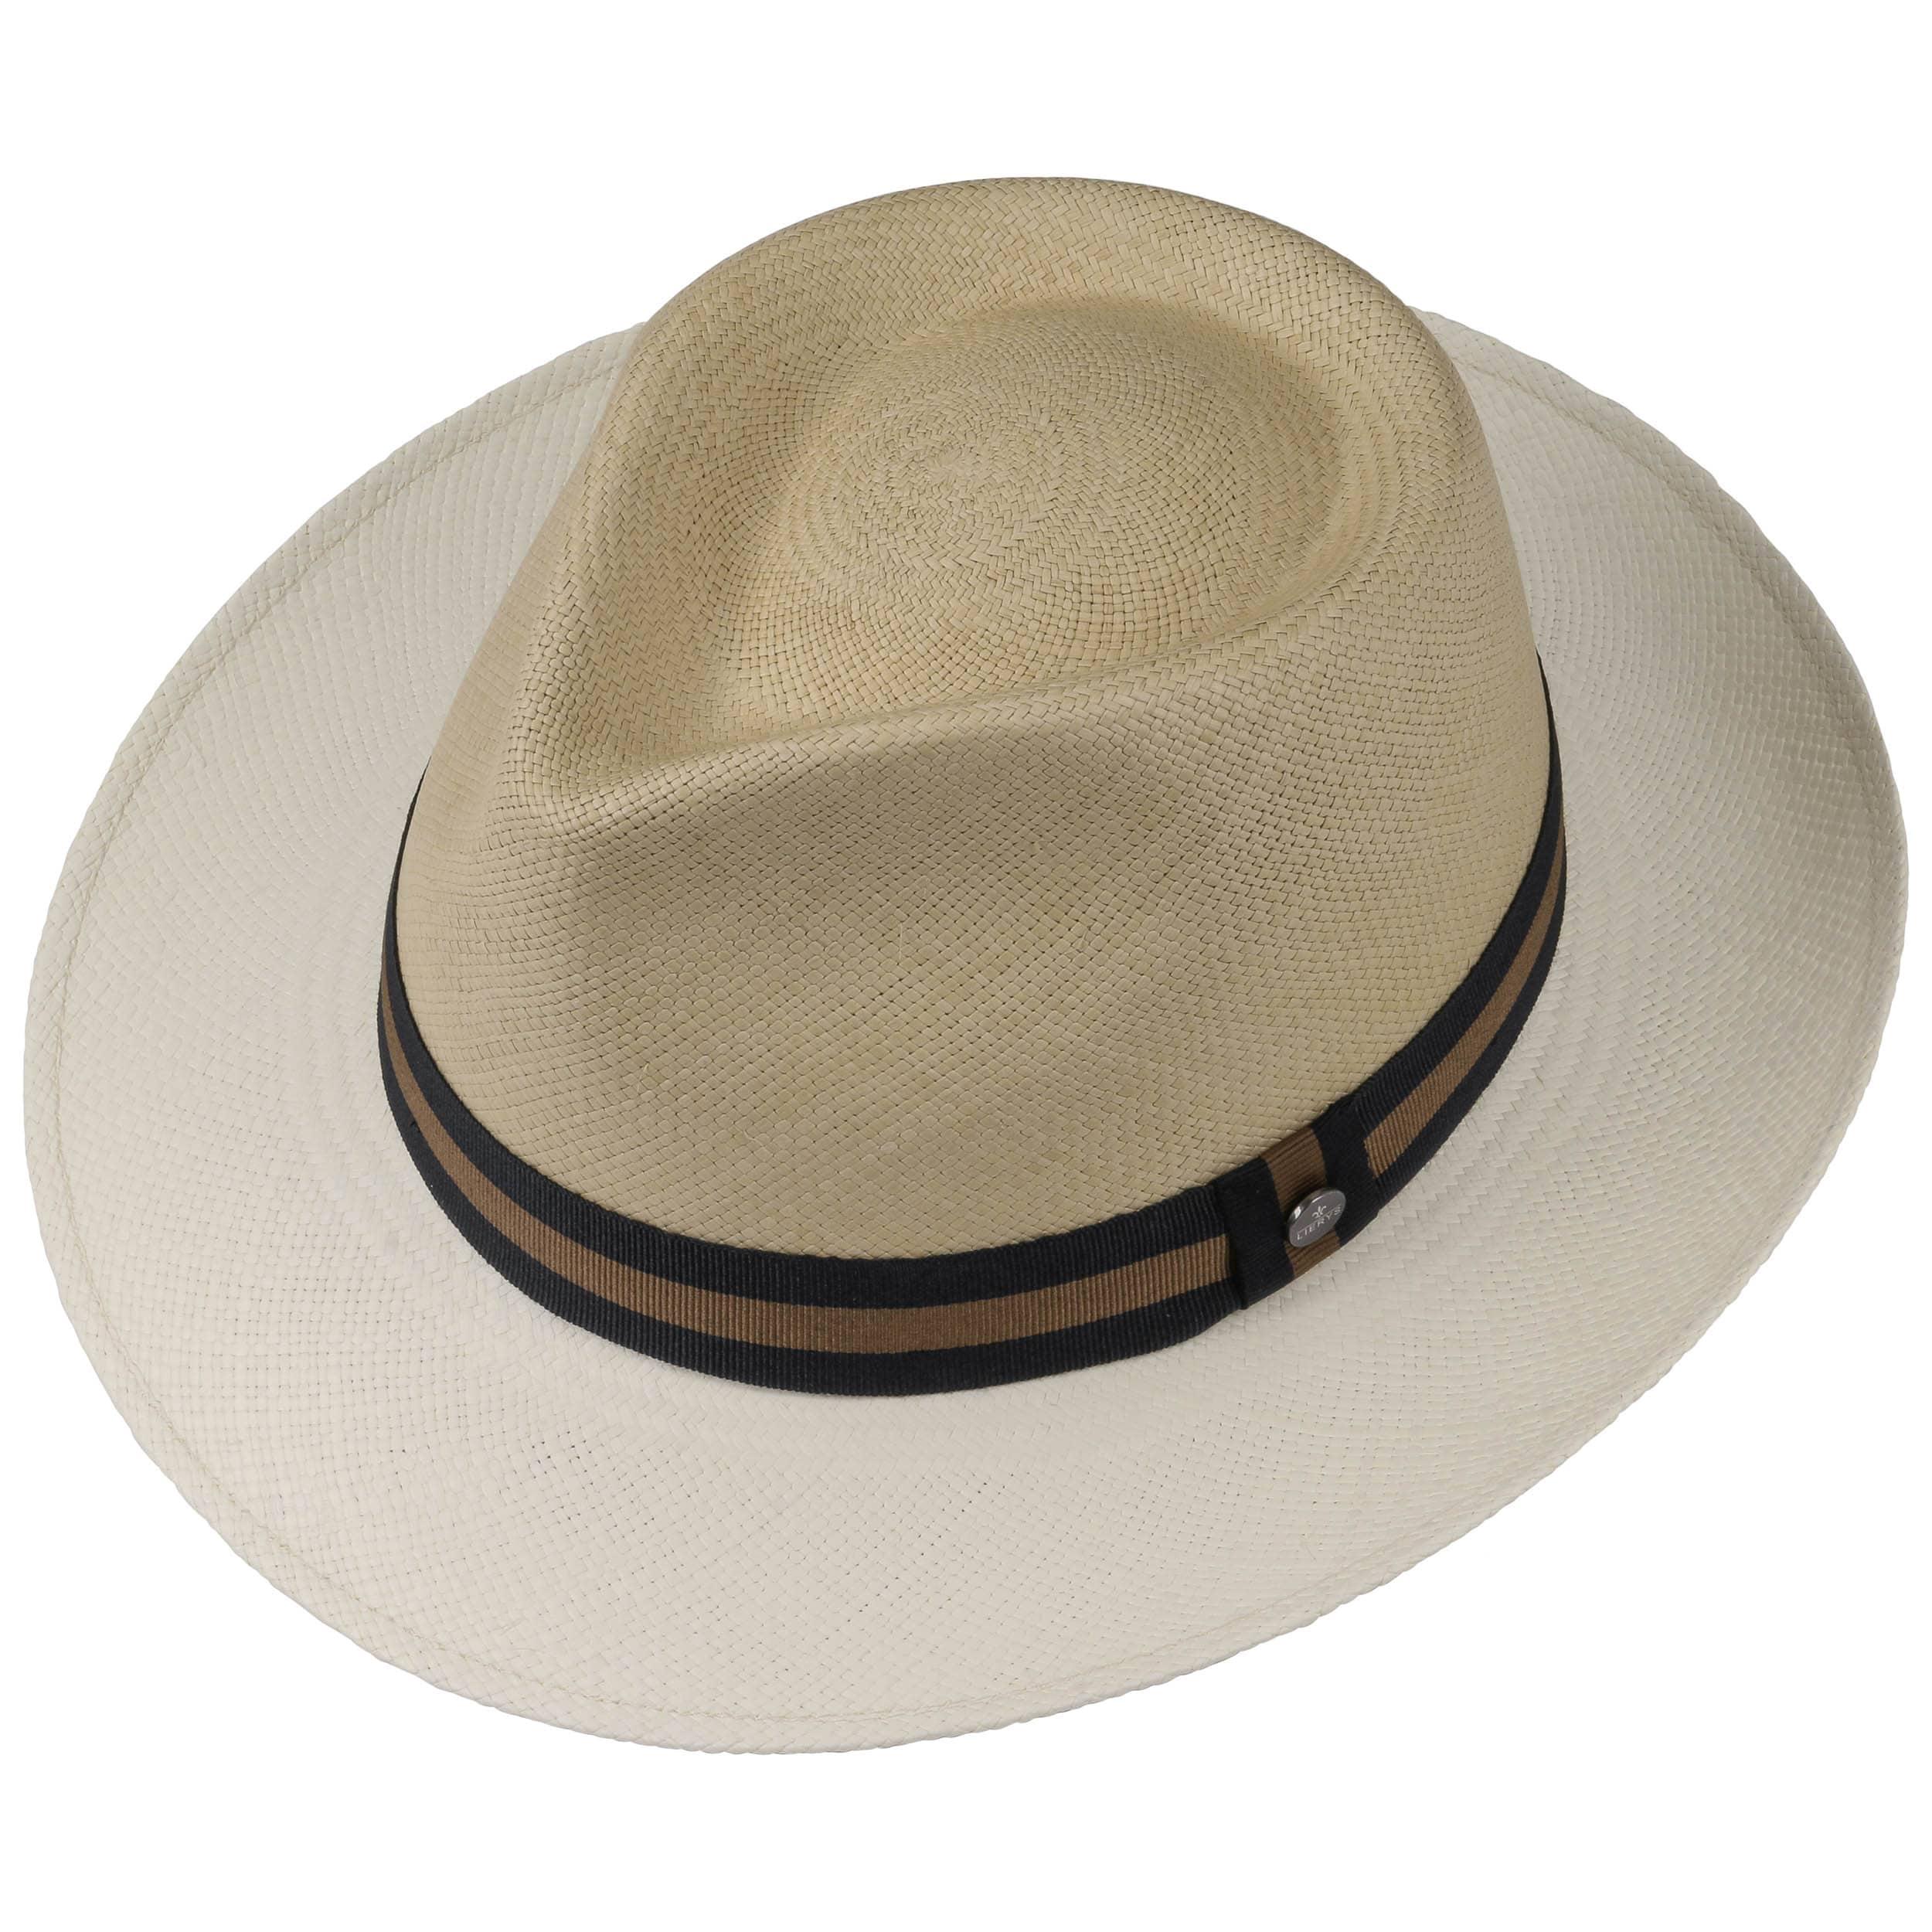 Gambler Panama Hat by Lierys Sun hats Lierys Geniue Stockist For Sale Cheap Big Sale kB6joH89e